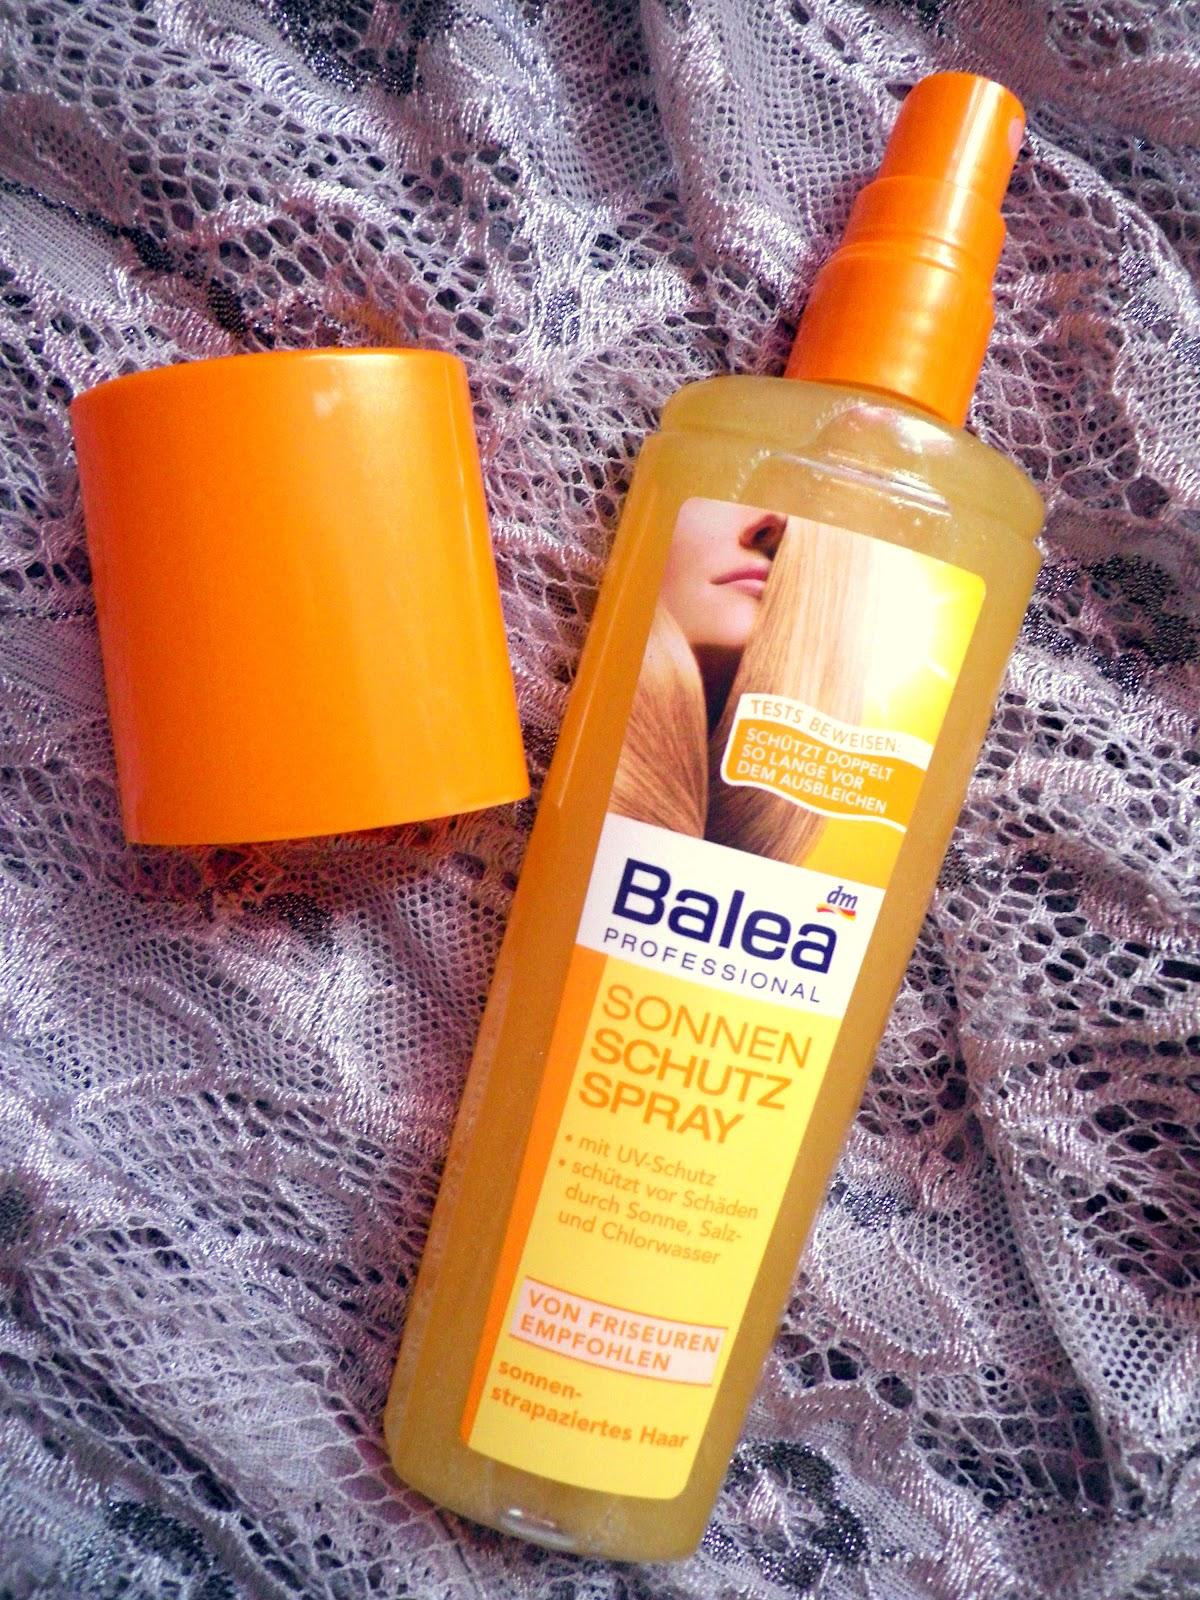 Liana Laurie Balea Sonnenschutzspray Schützt Eure Haare